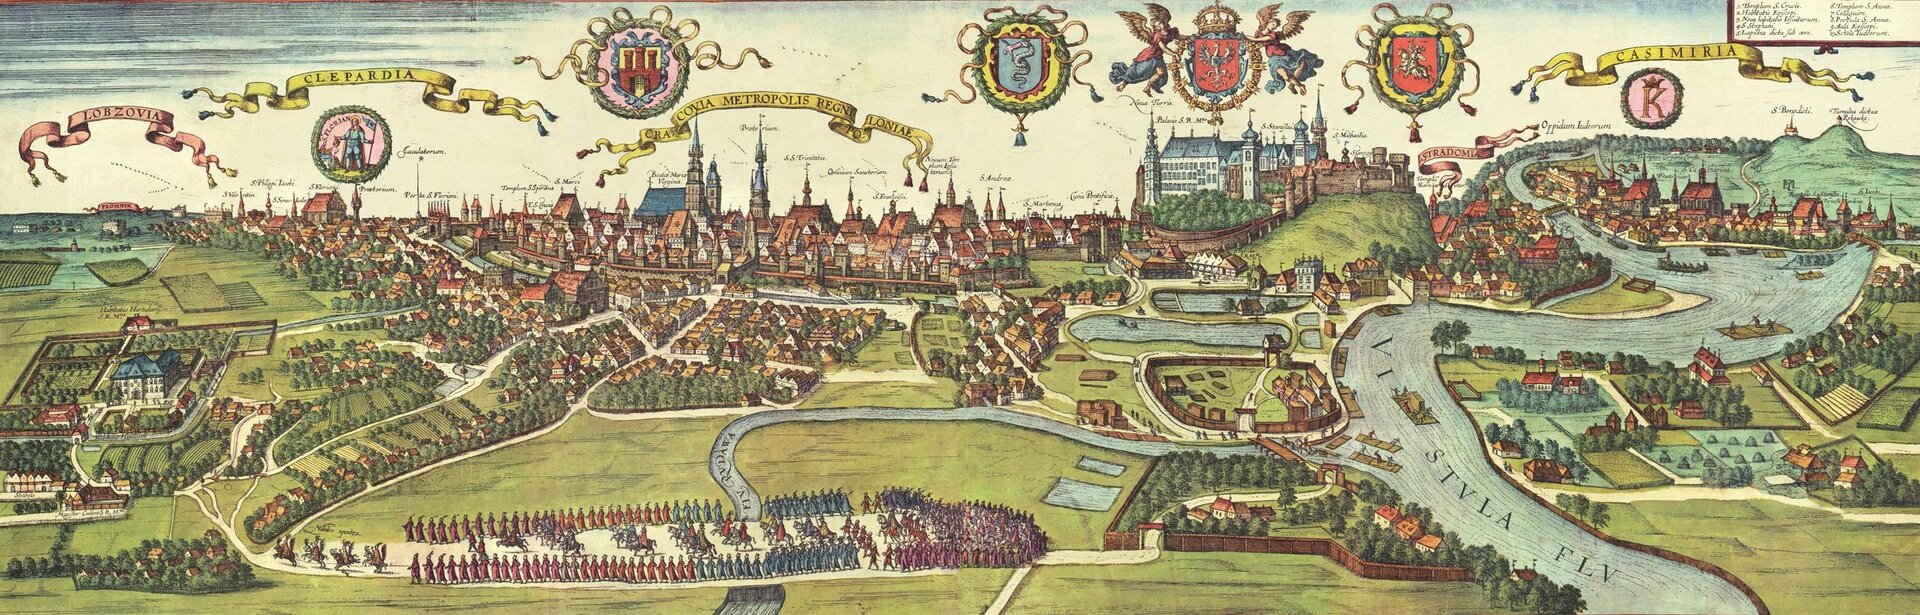 Widok Krakowa, Stradomia, Kleparza, Kazimierza iŁobzowa zatlasu z1618 roku